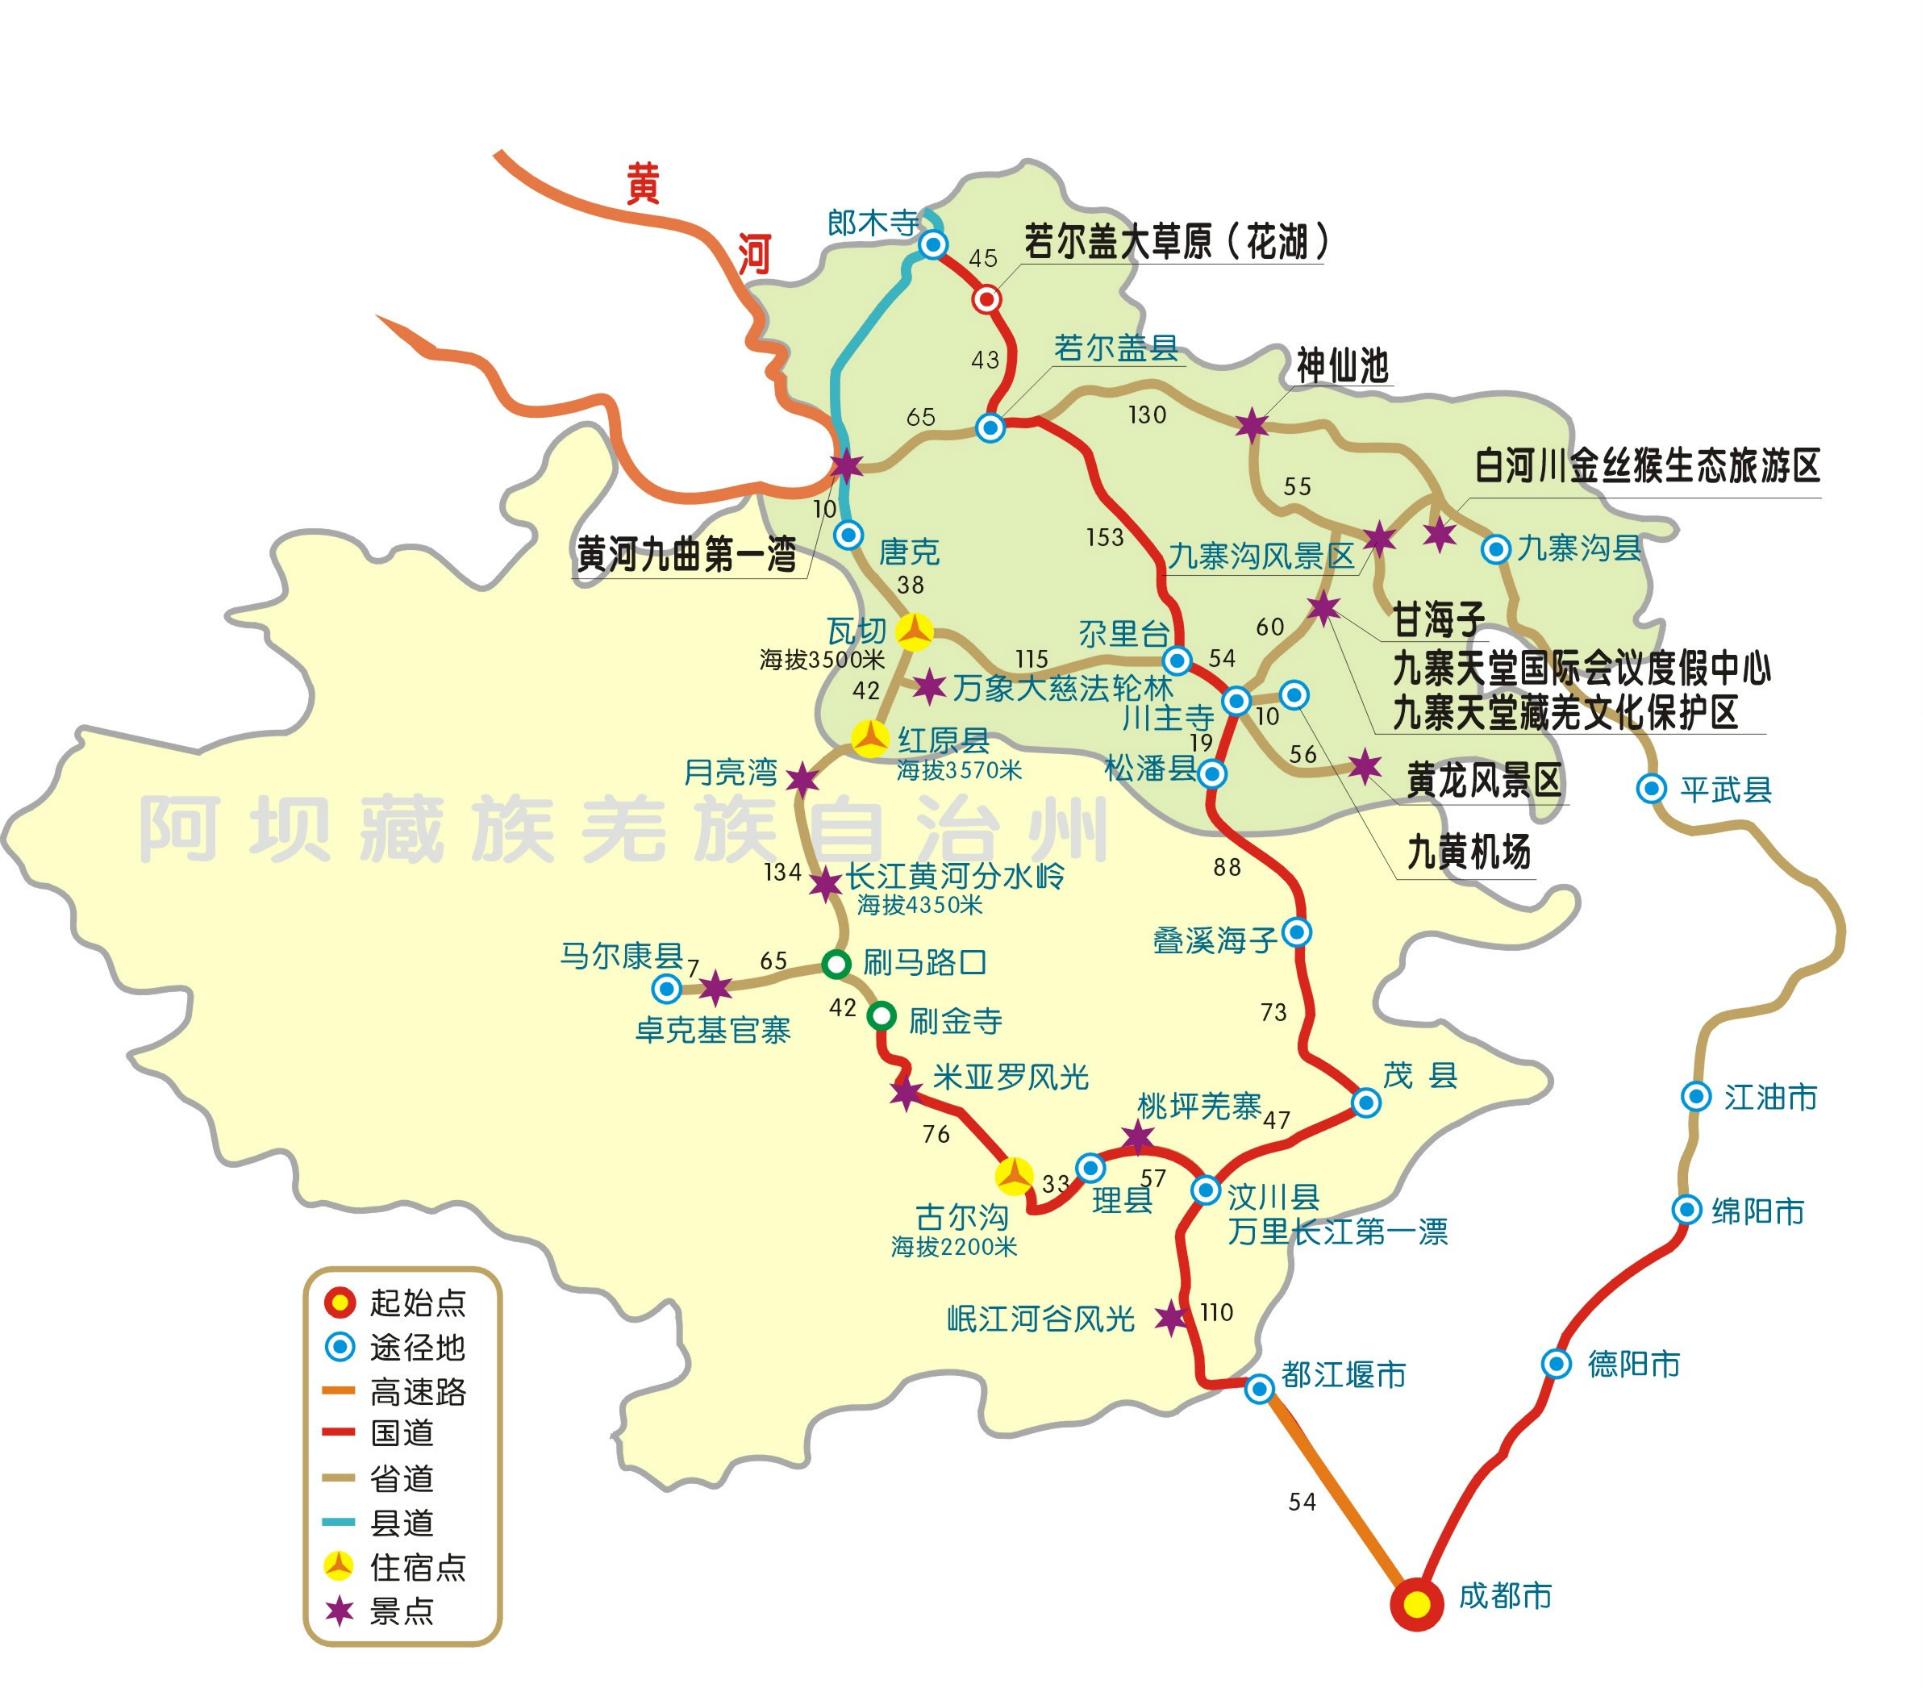 河南青年旅行社,郑州旅行社,四 川黄 龙